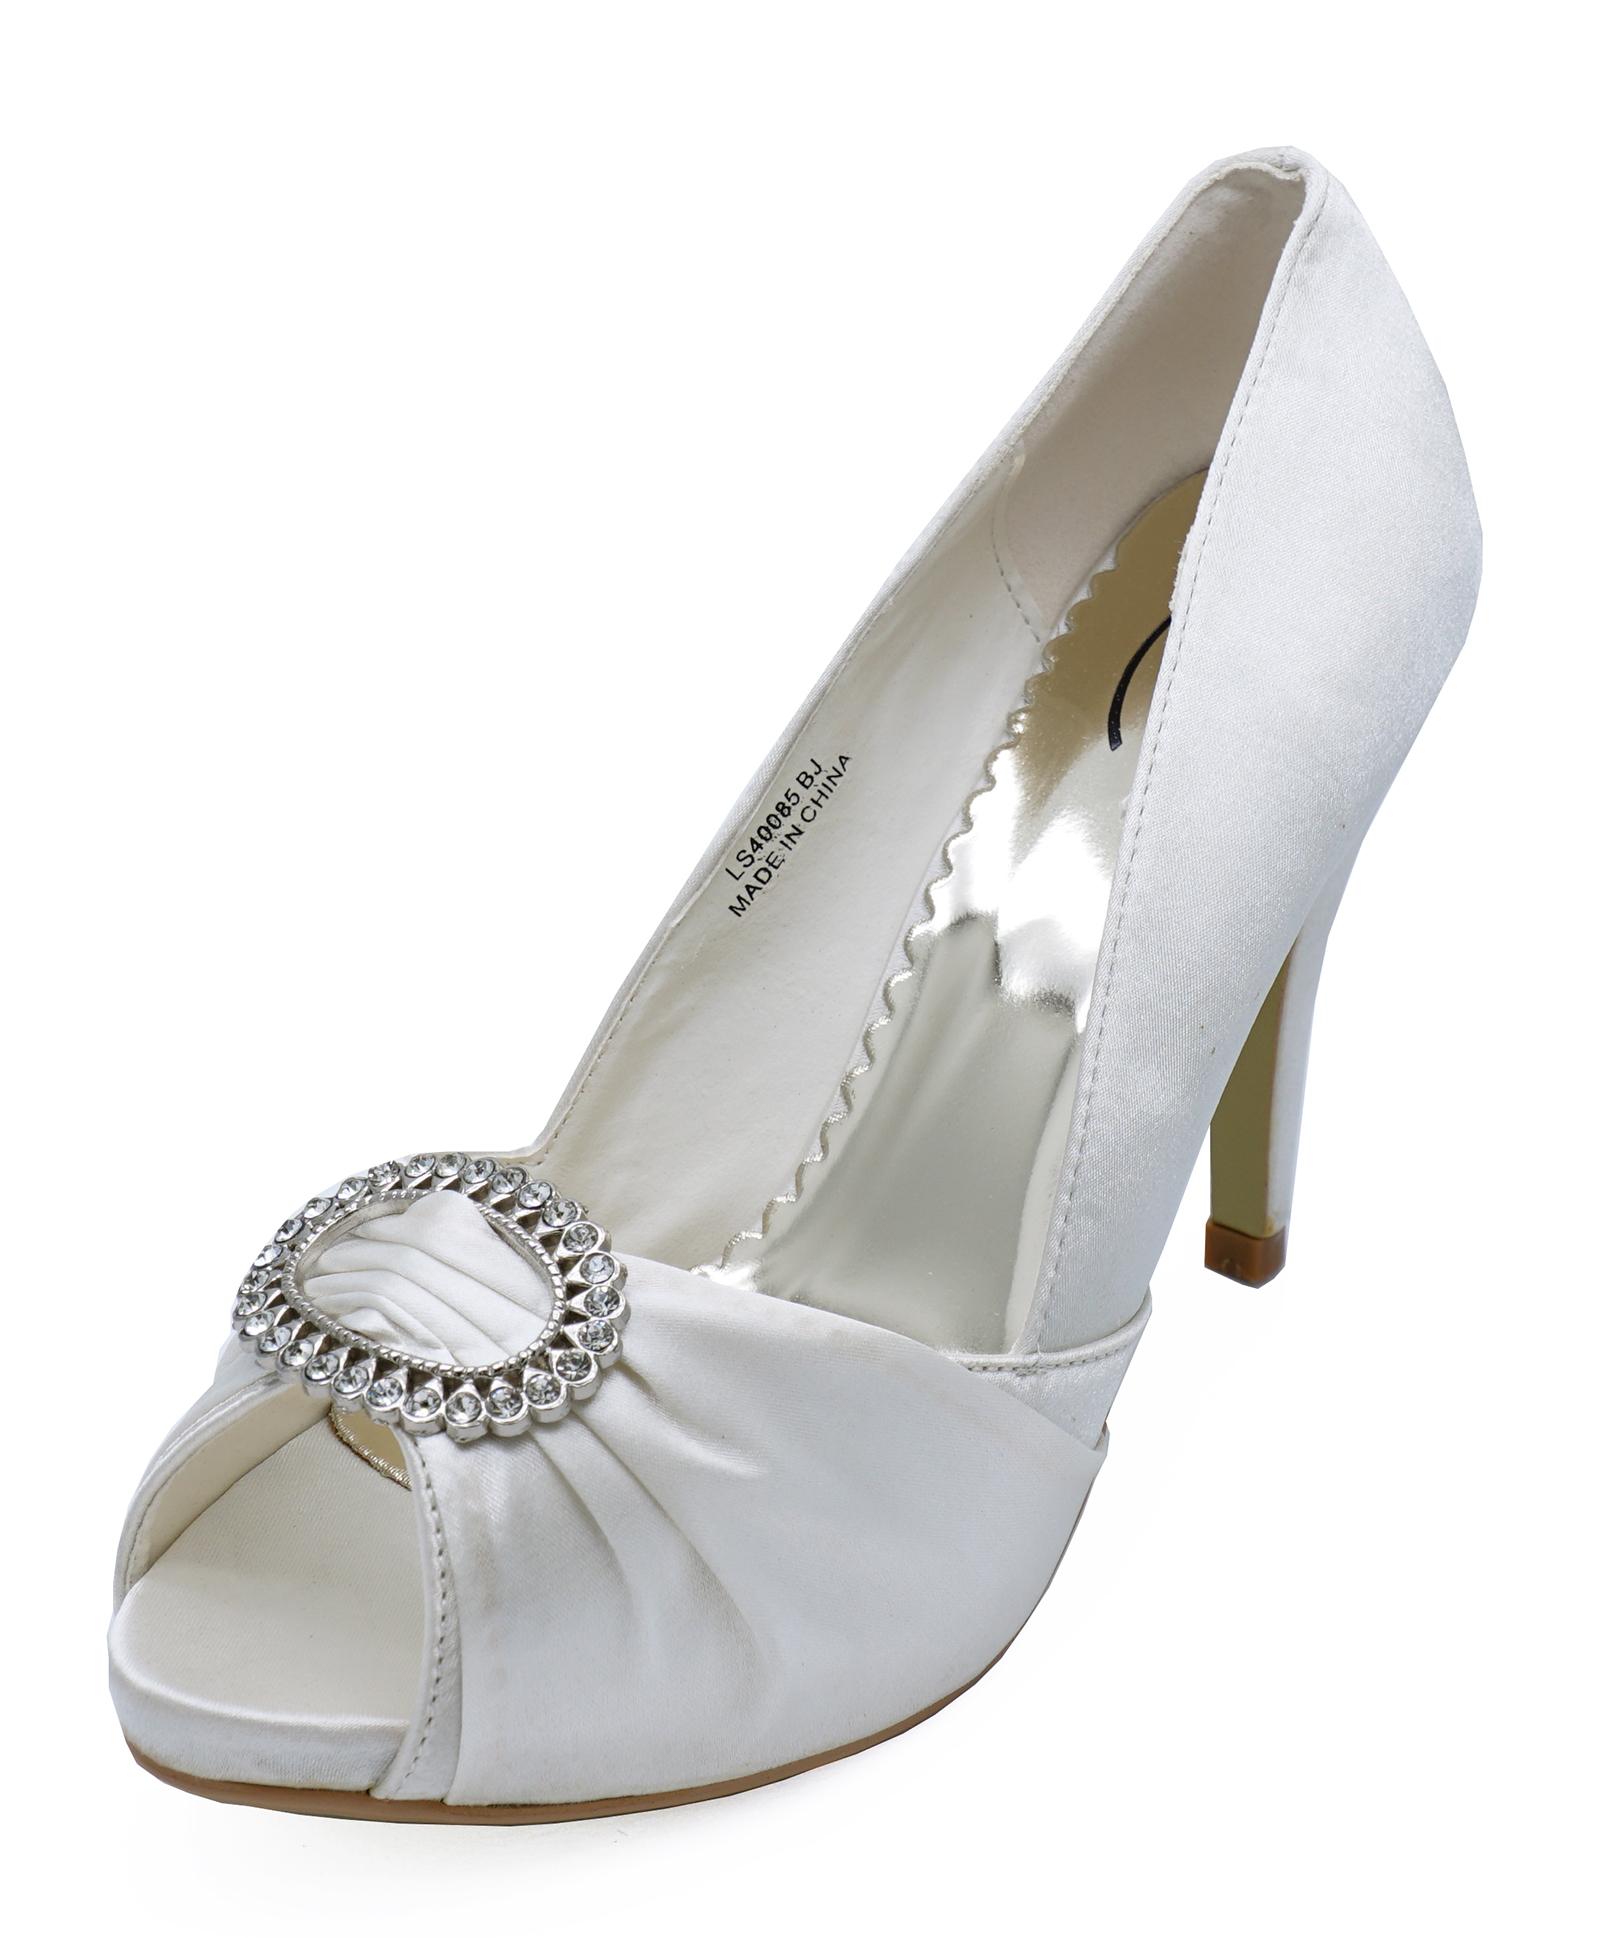 570186cc3b92 Sentinel WOMENS IVORY SATIN BRIDAL BRIDESMAID WEDDING PEEPTOE COURT SHOES  SIZES 3-8